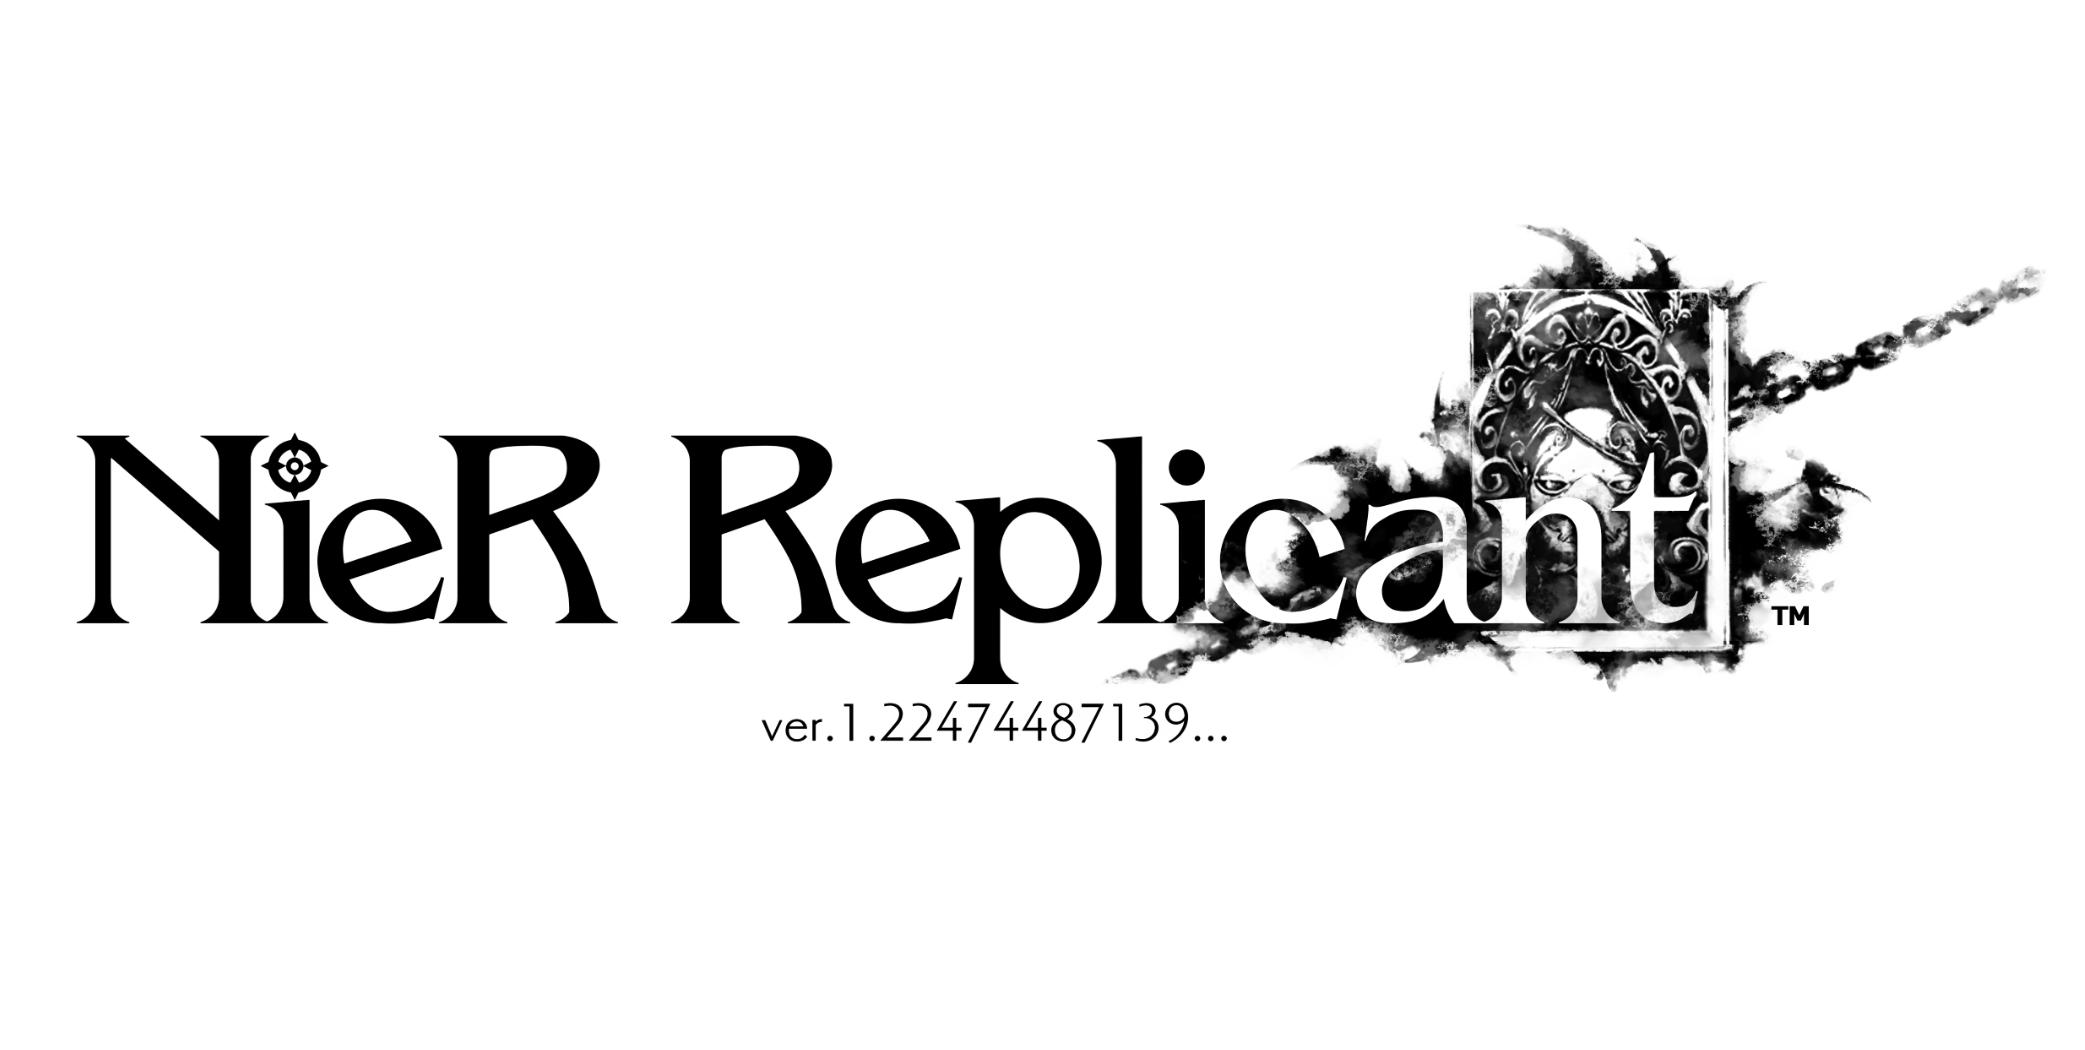 NieR-Replicant-Ver-1-22474487139_2020_09-24-20_008